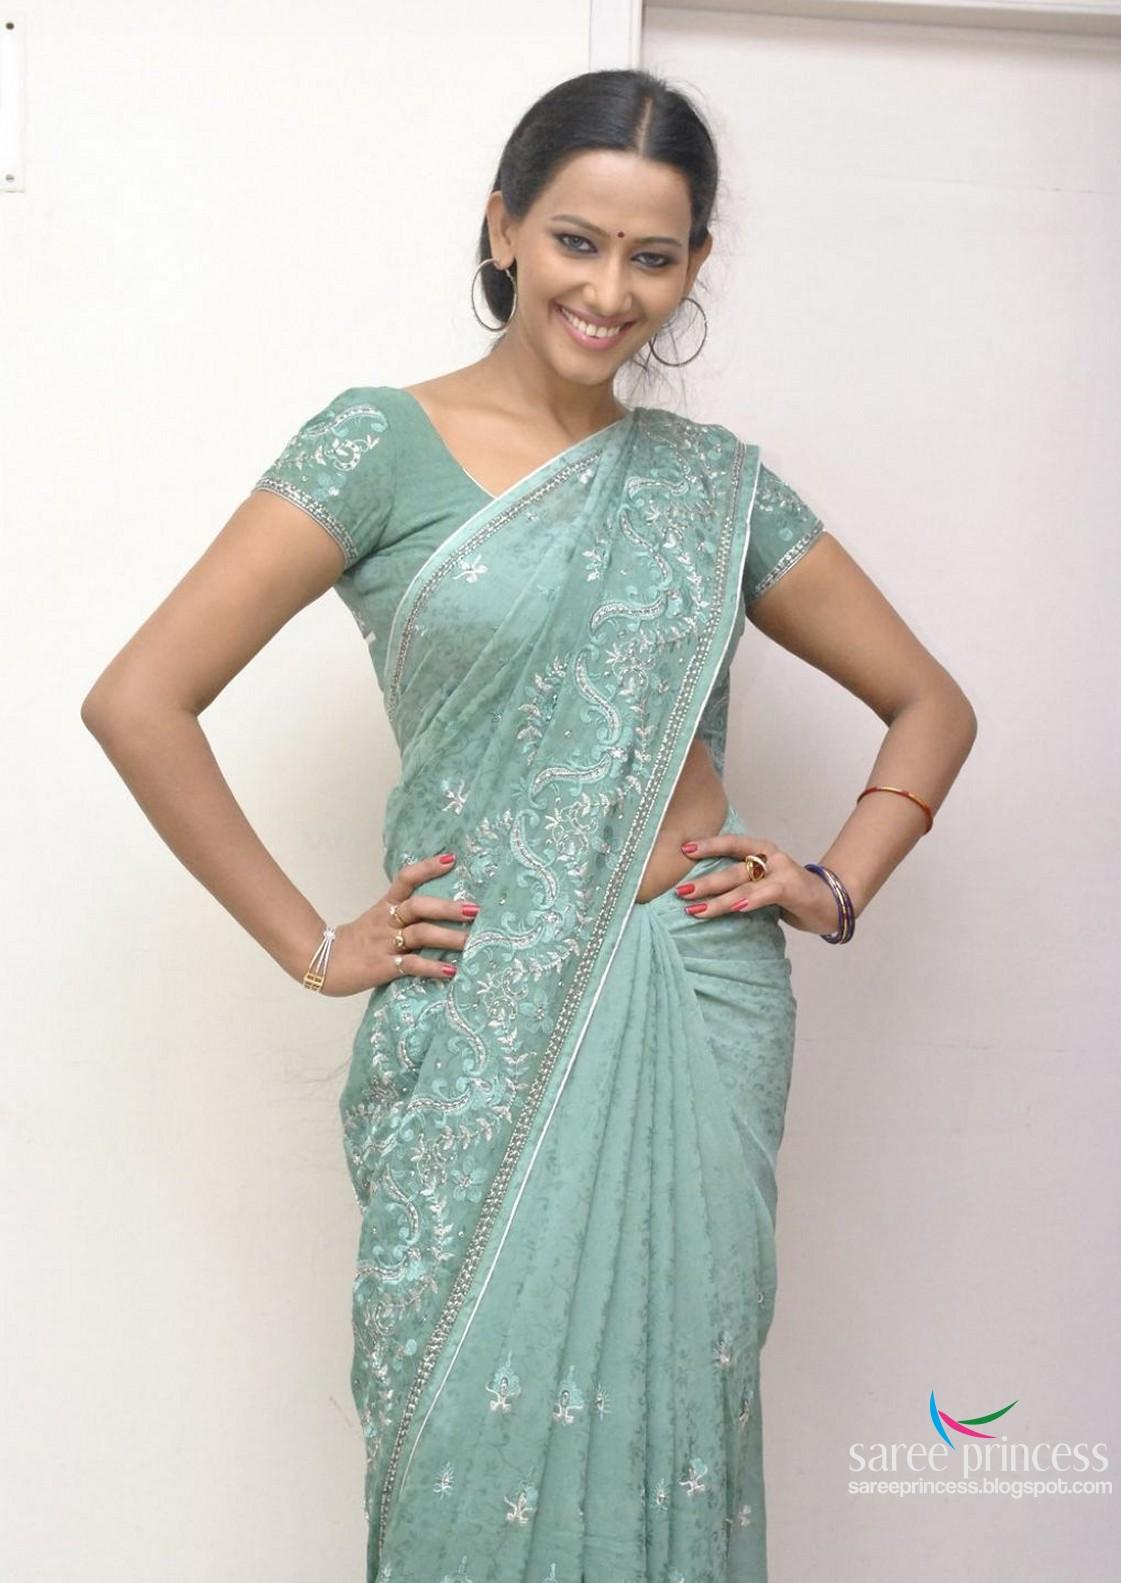 INDIAN ACTRESS: Tollywood actress Sanjana Singh saree at latest event ...